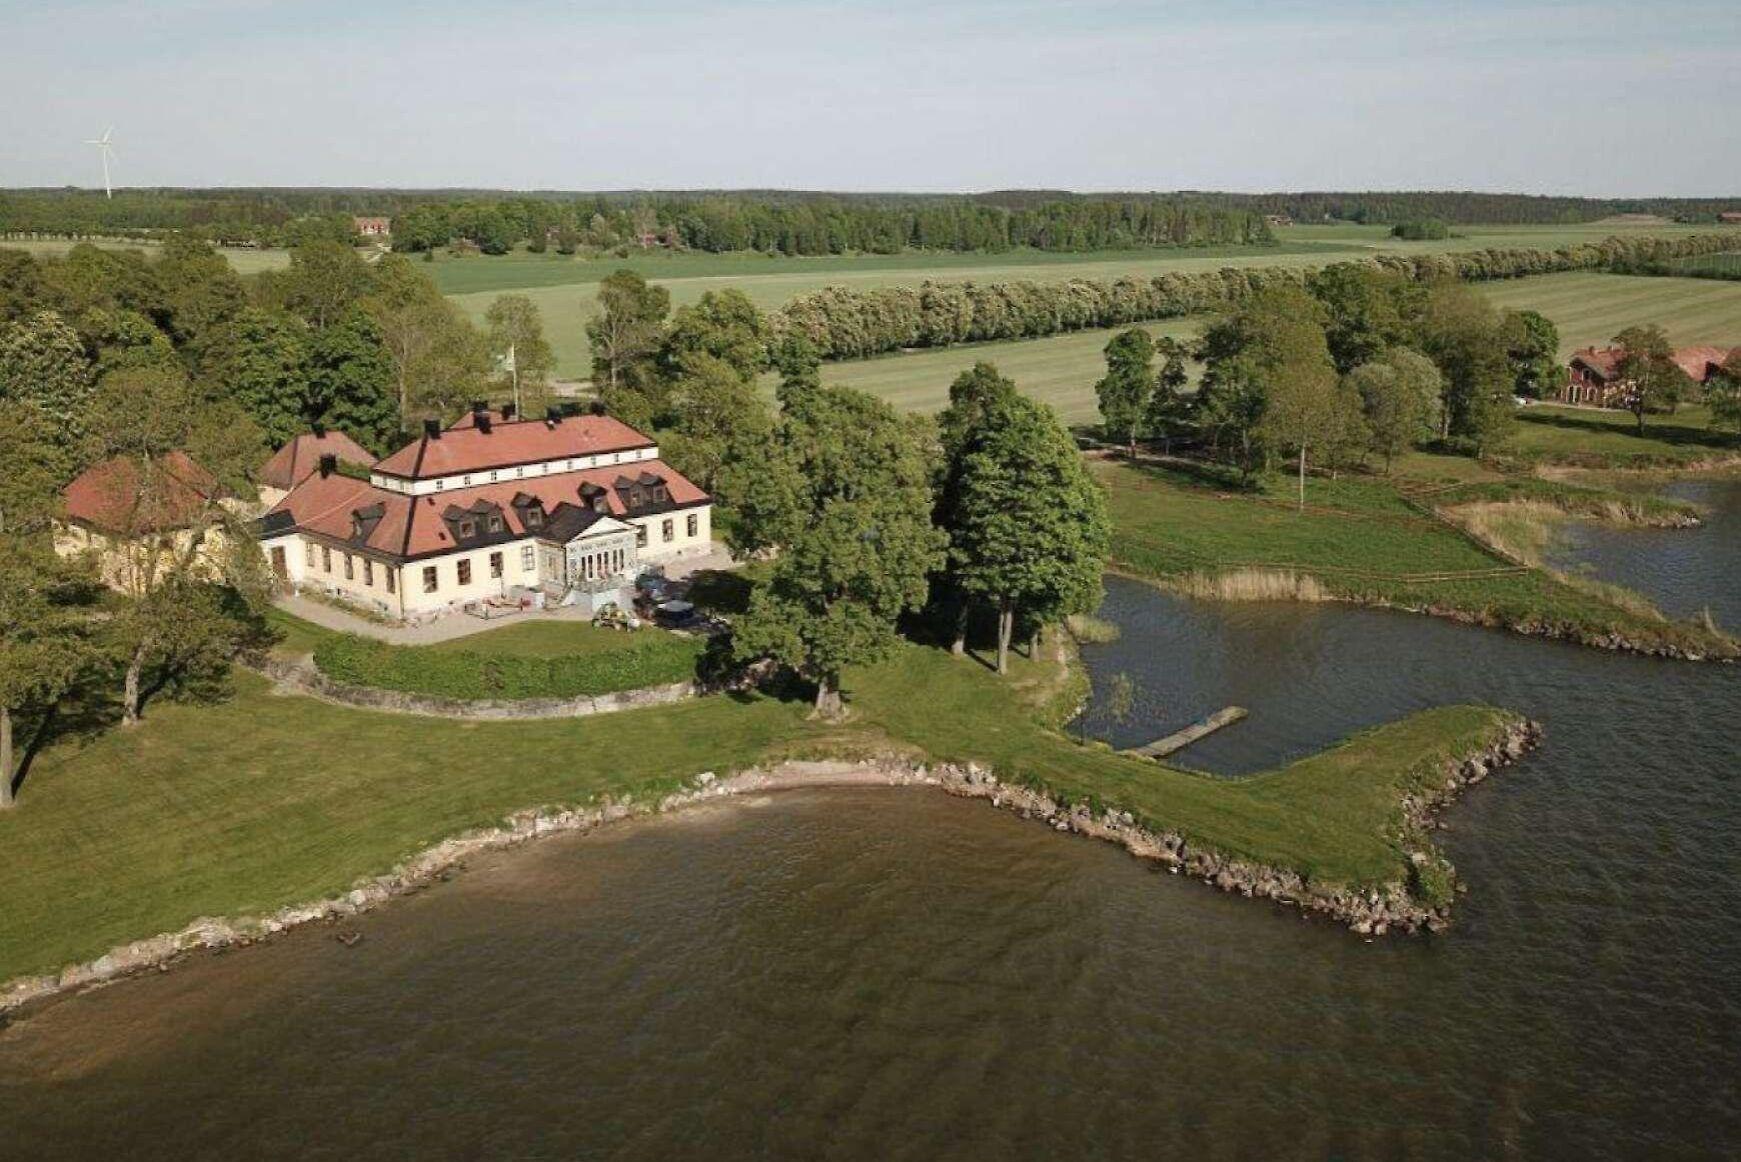 Gården omfattar cirka 2 770 hektar land med åkermark, betesmark, löv- och barrskog, samt cirka 500 hektar vatten.